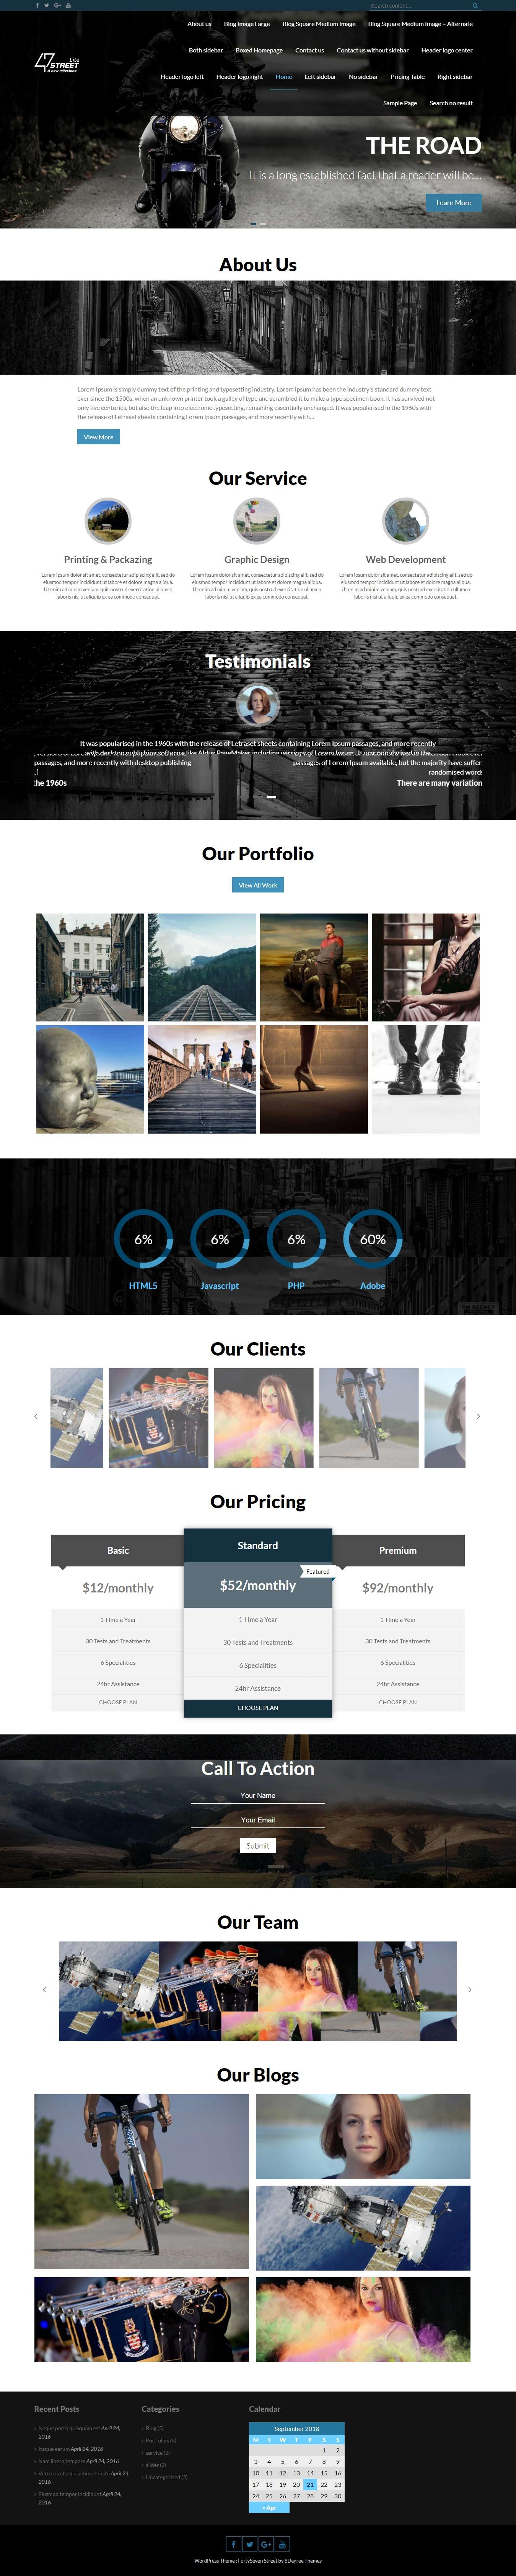 FortySeven Street - El mejor tema de WordPress multipropósito gratuito